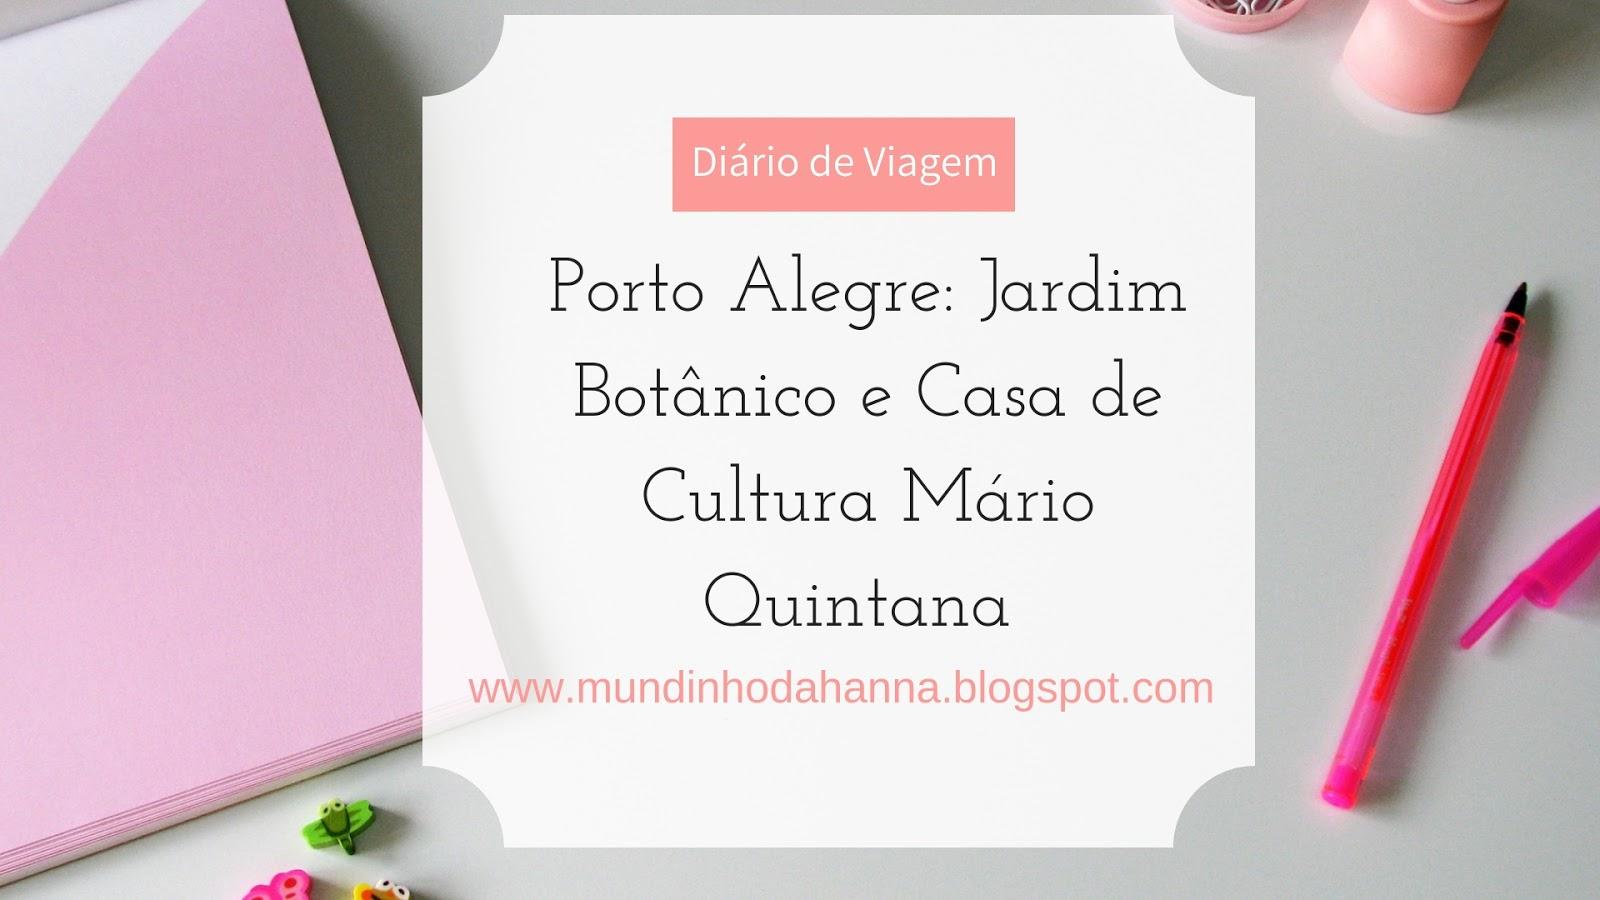 Jardim Botânico e Casa de Cultura Mário Quintana